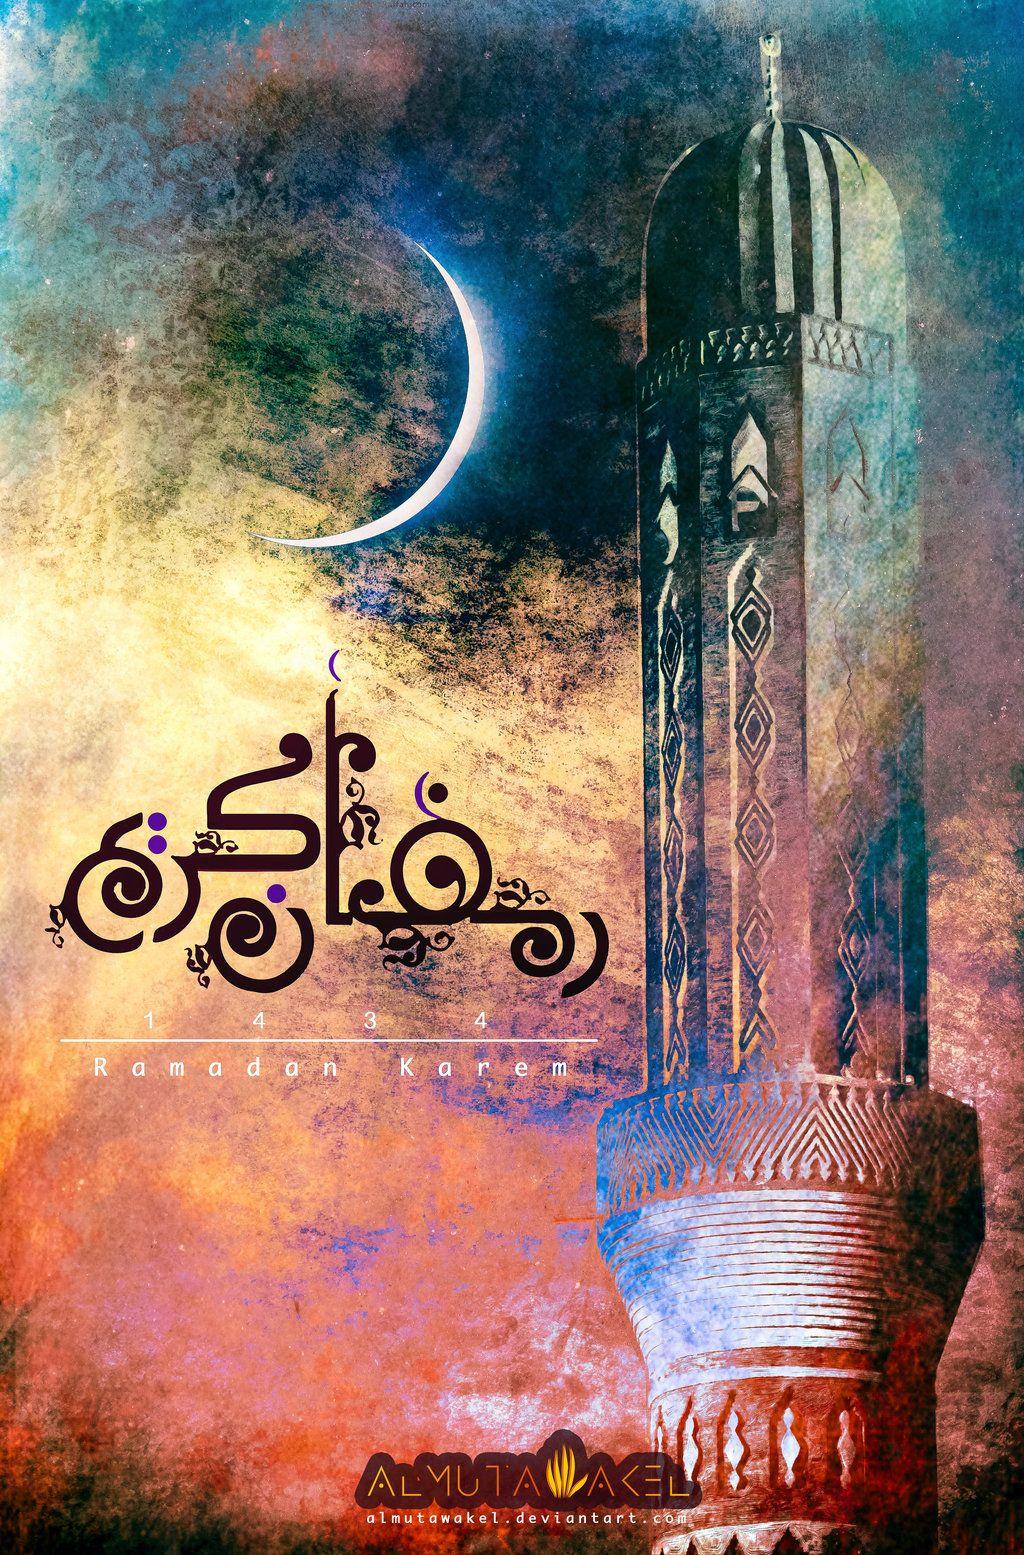 Pin By Ahmed Elsaeed On Ramadan A Blessing And Joy Ramadan Greetings Ramadan Mubarak Wallpapers Ramadan Kareem